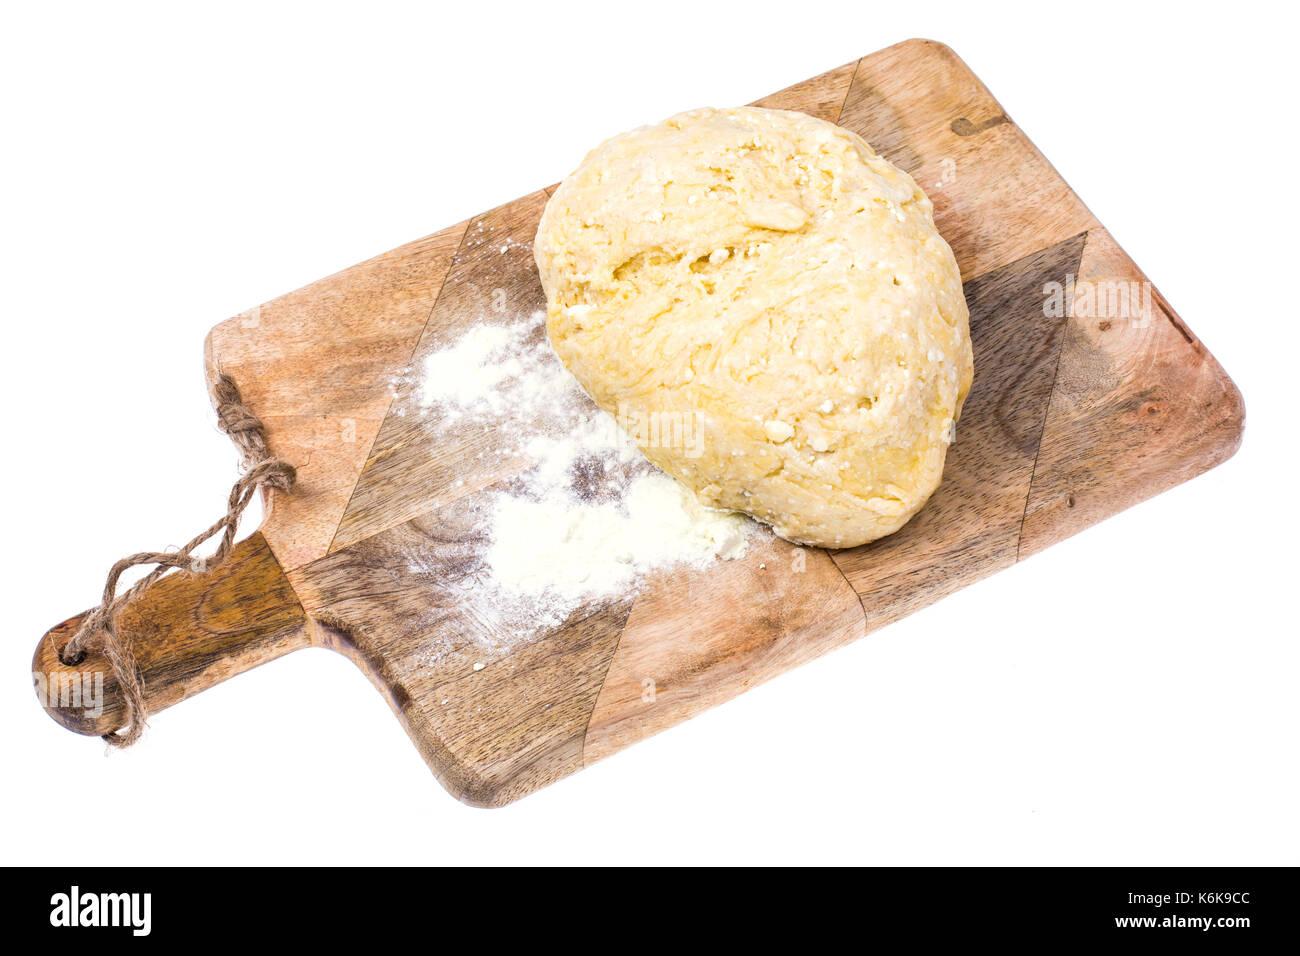 Palla Di Impasto Per Pizza Sulla Cucina In Legno Tagliere Con